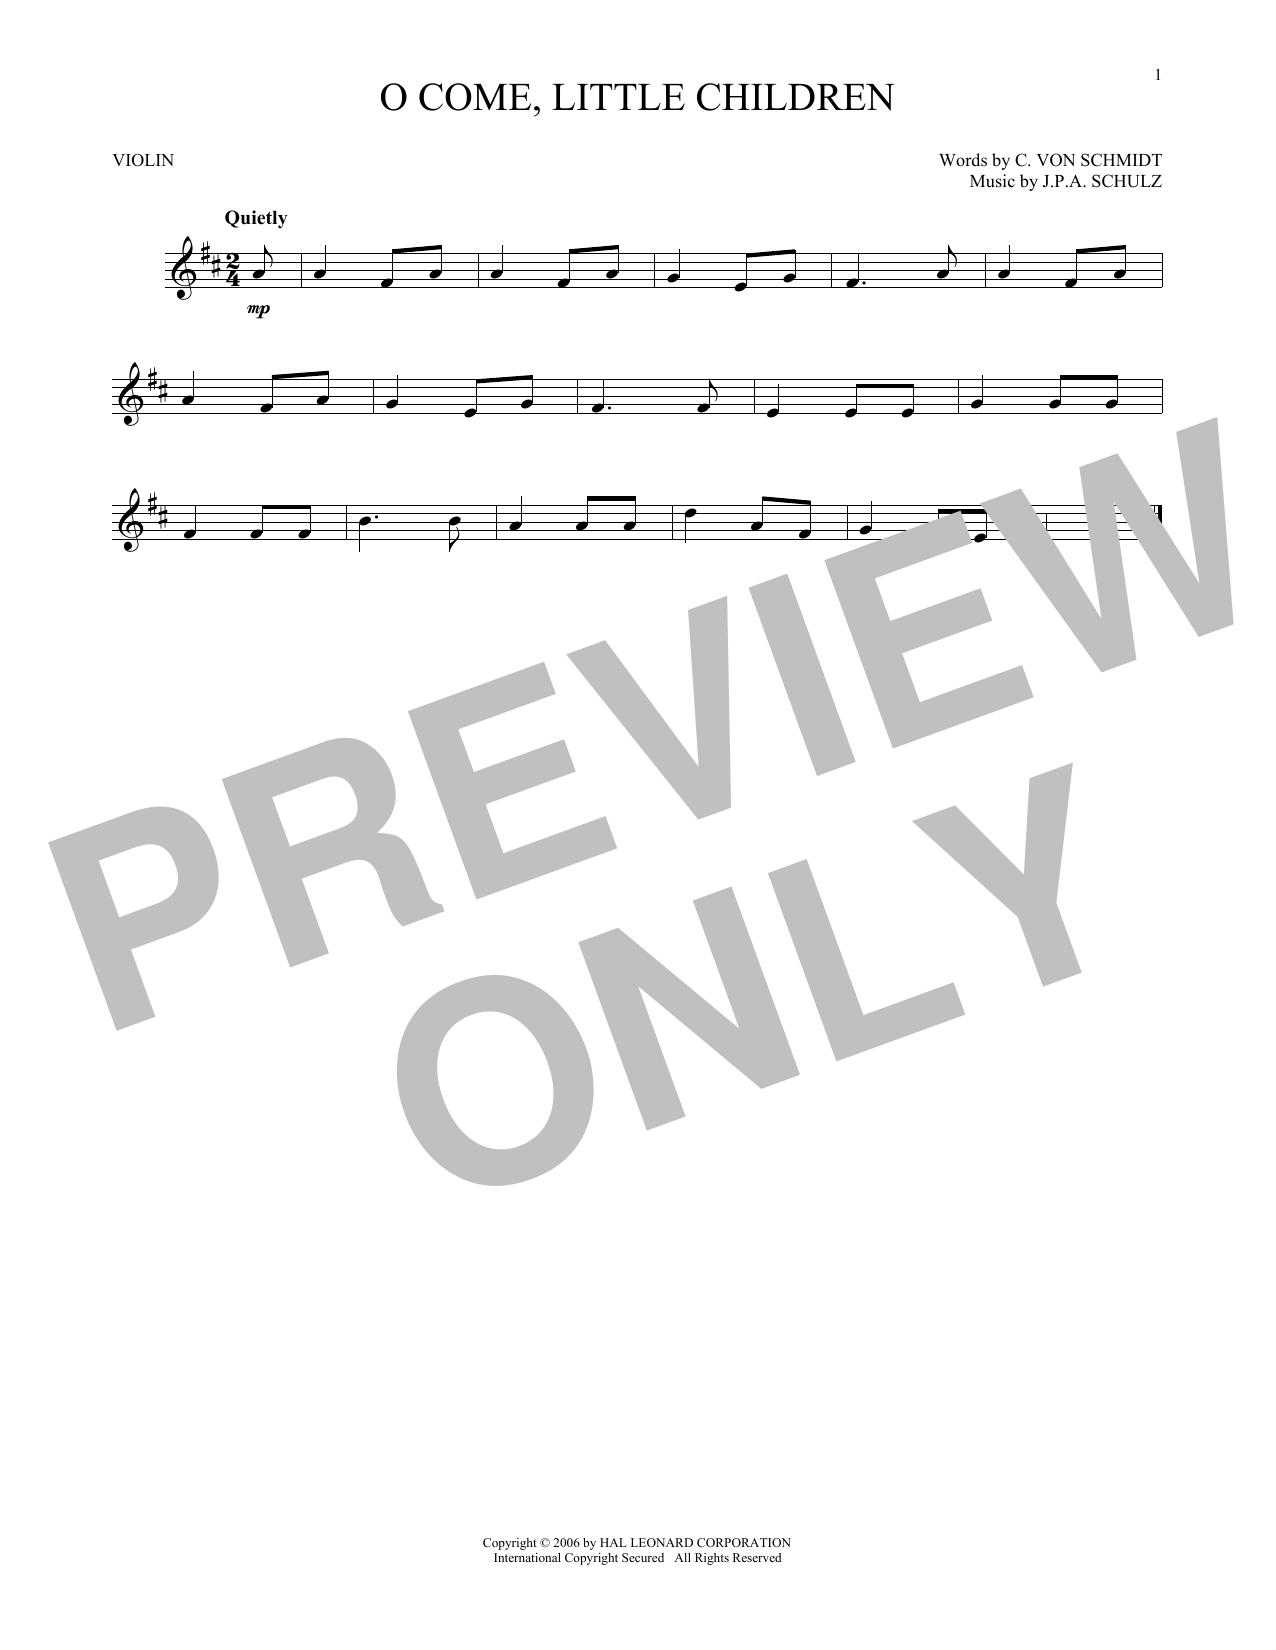 O Come, Little Children (Violin Solo)